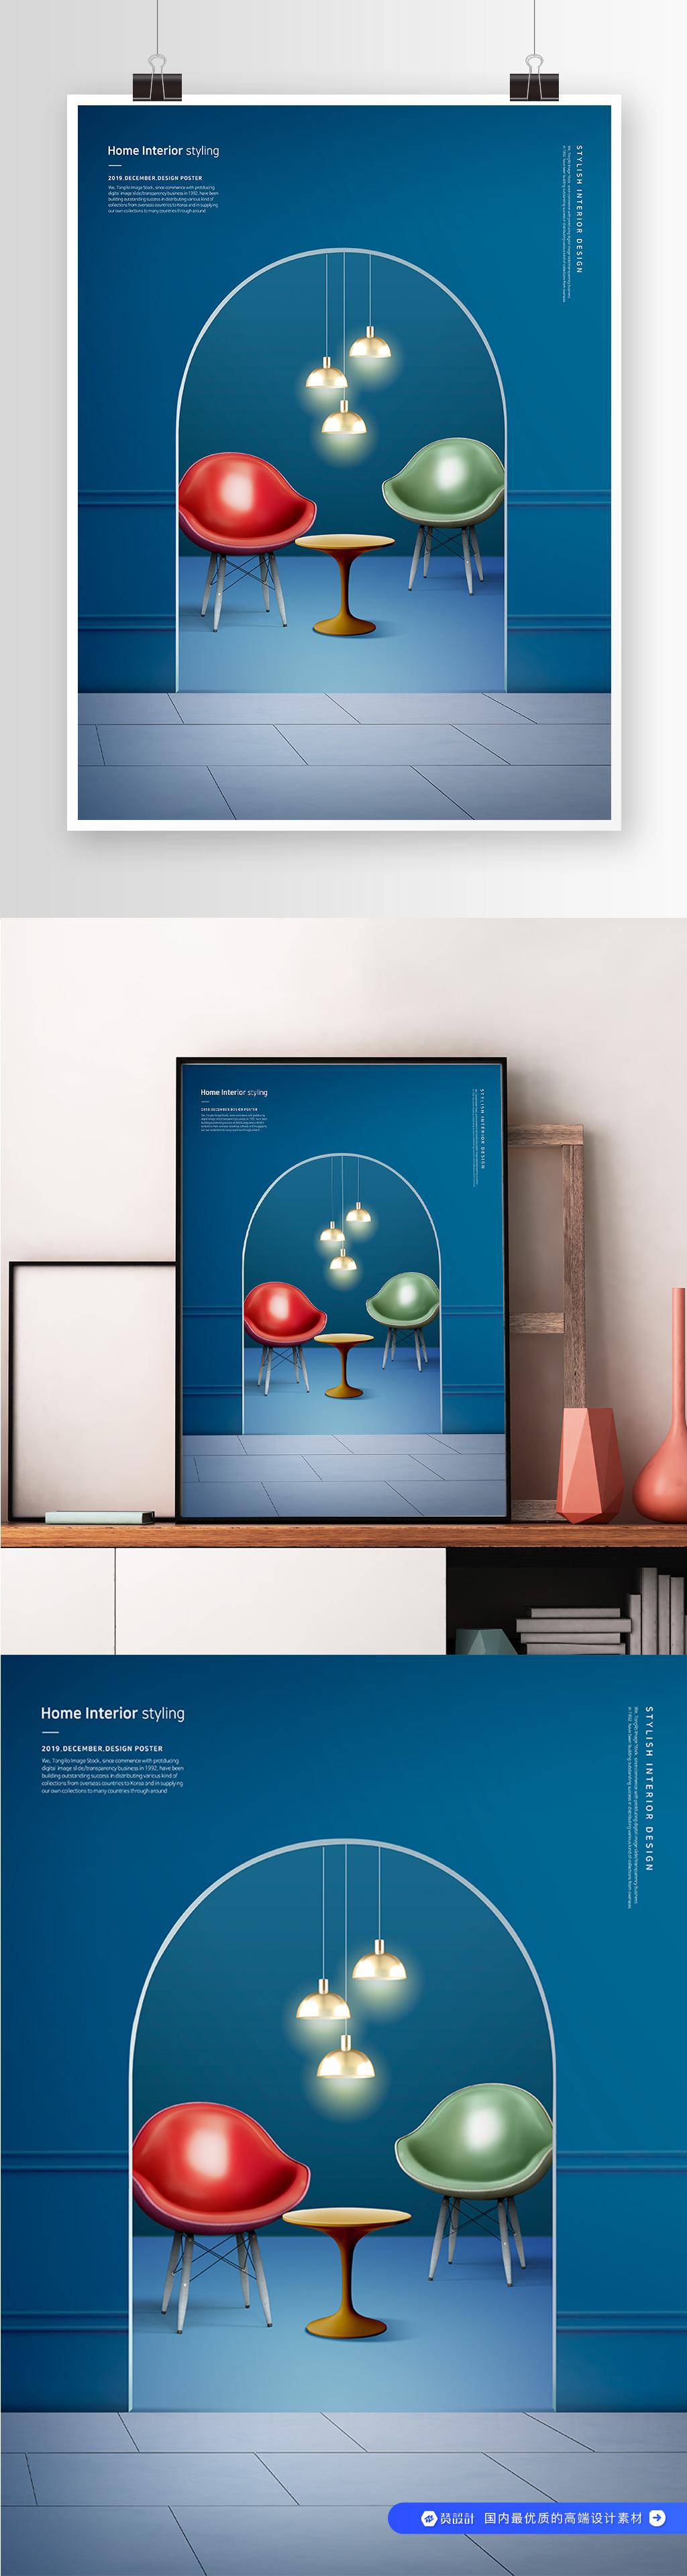 室内海报素材(12)